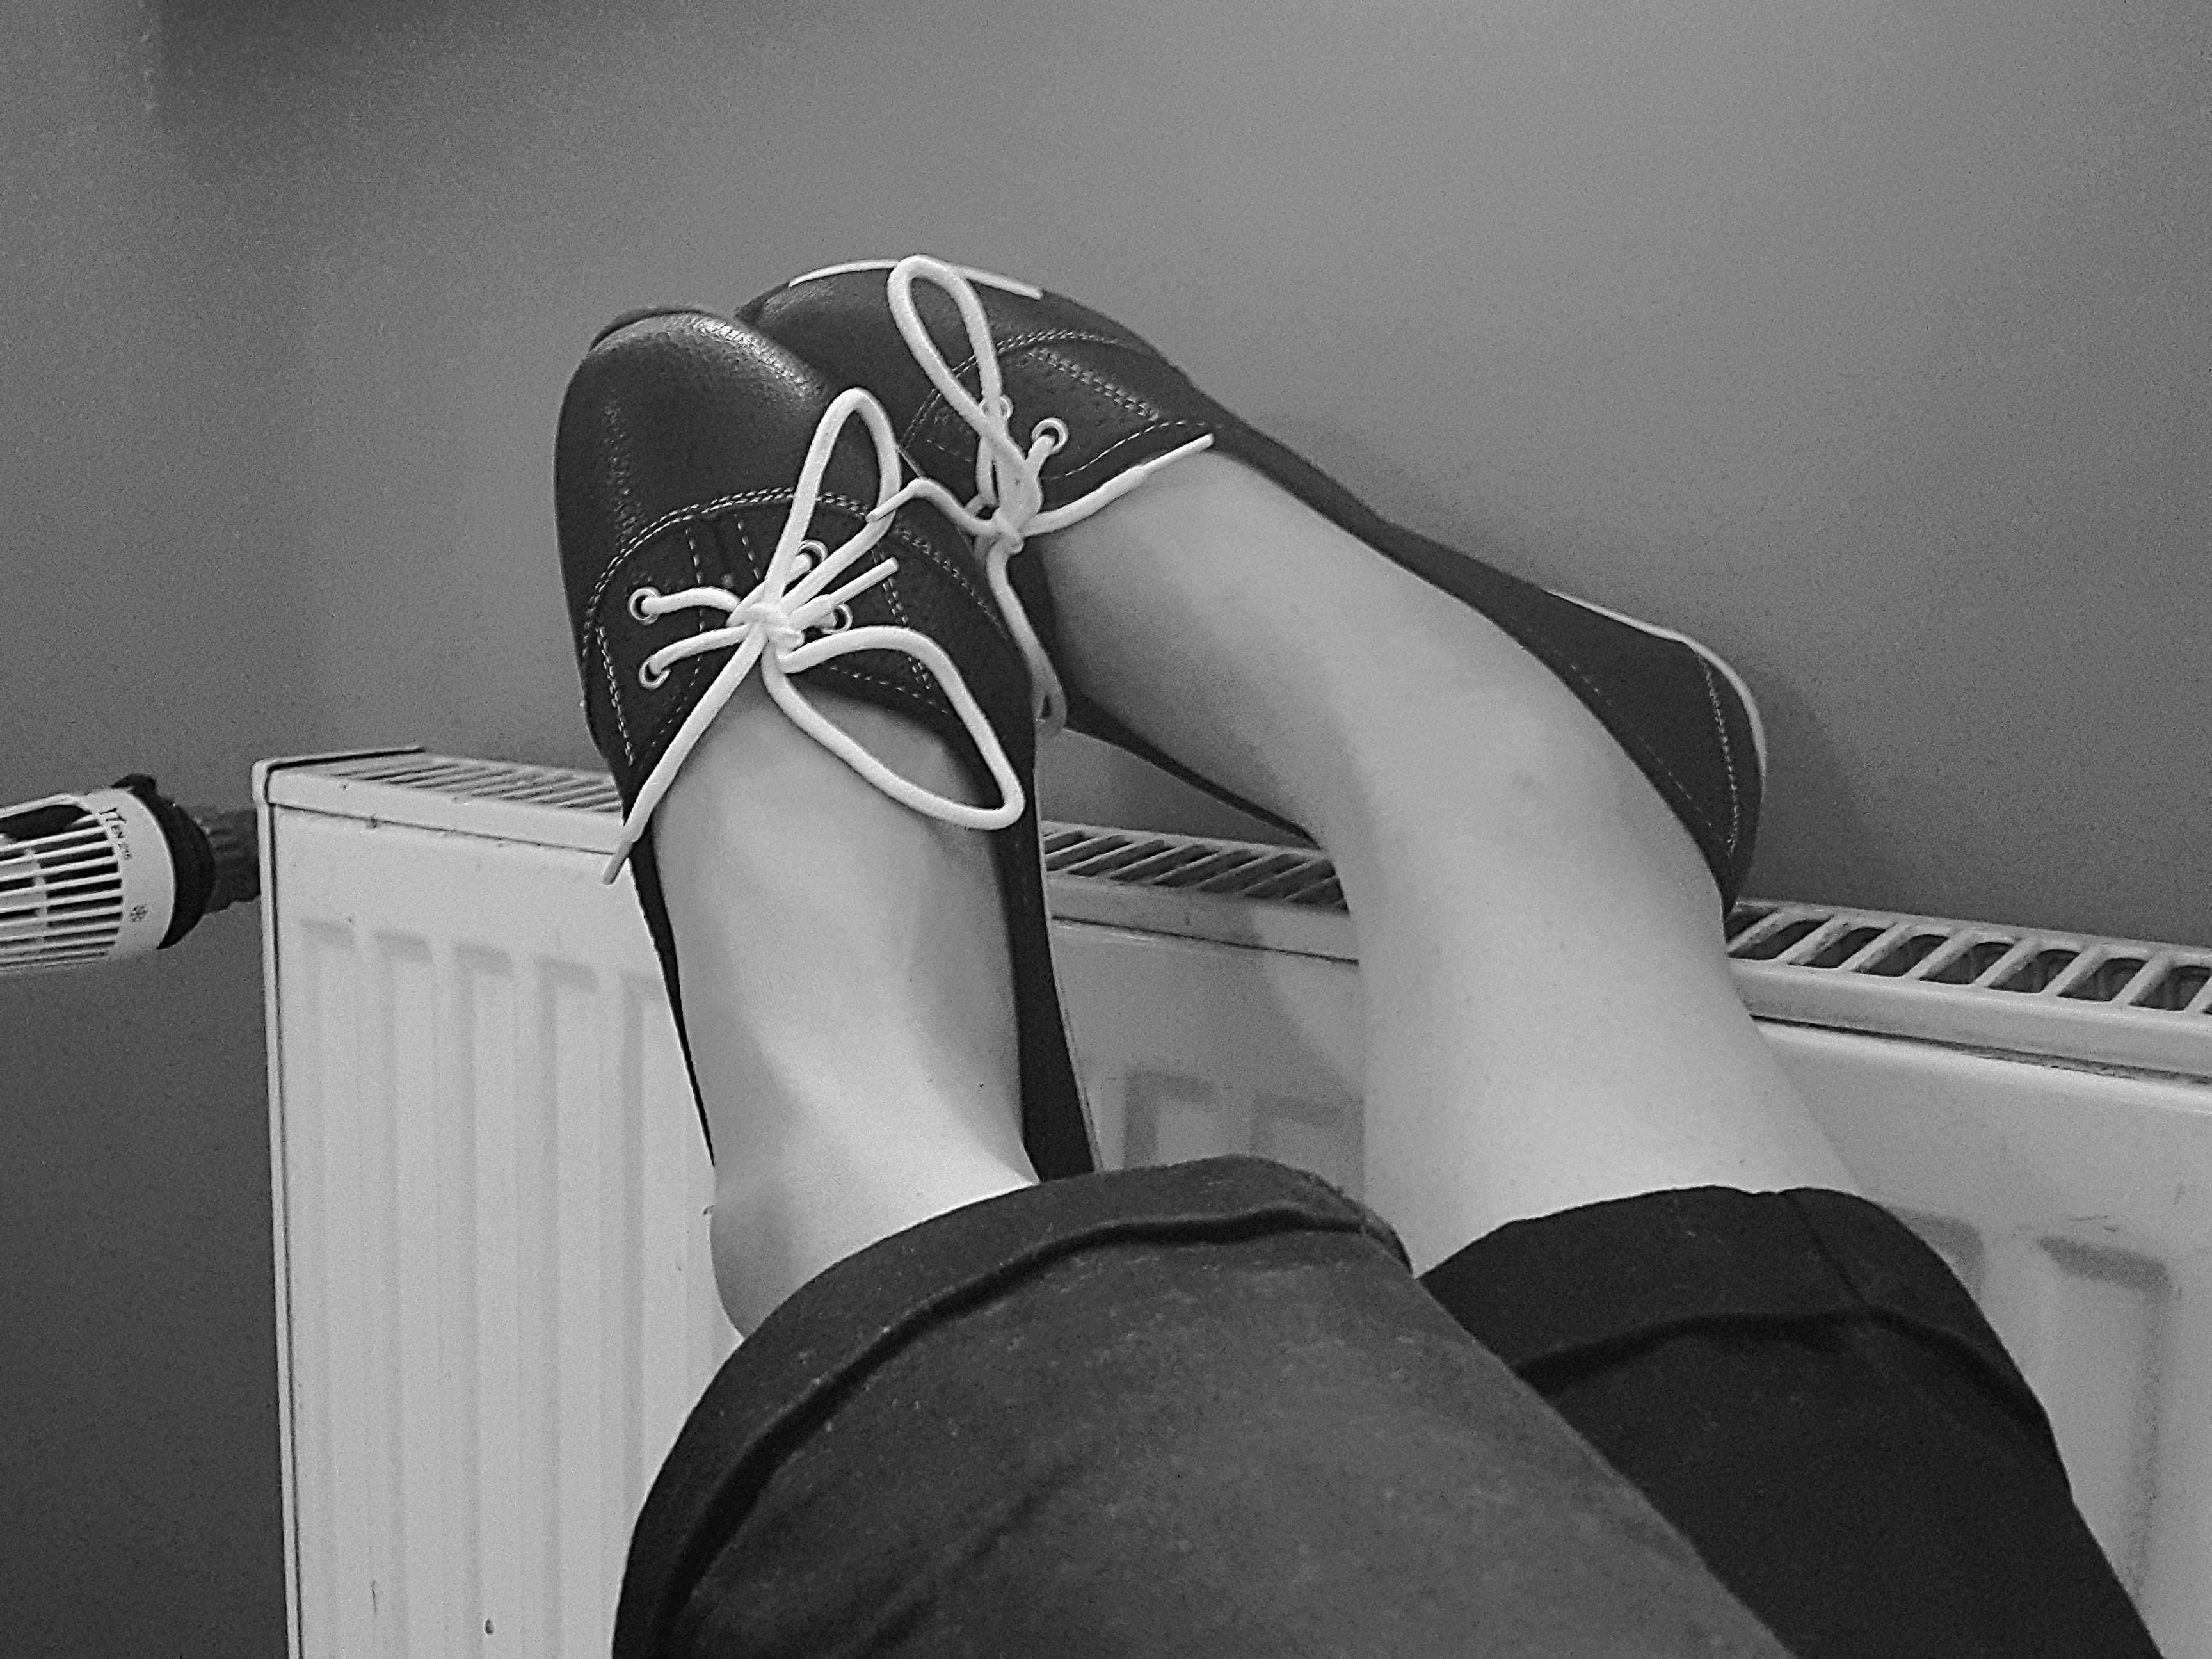 Nogi w górze - czas na relaks